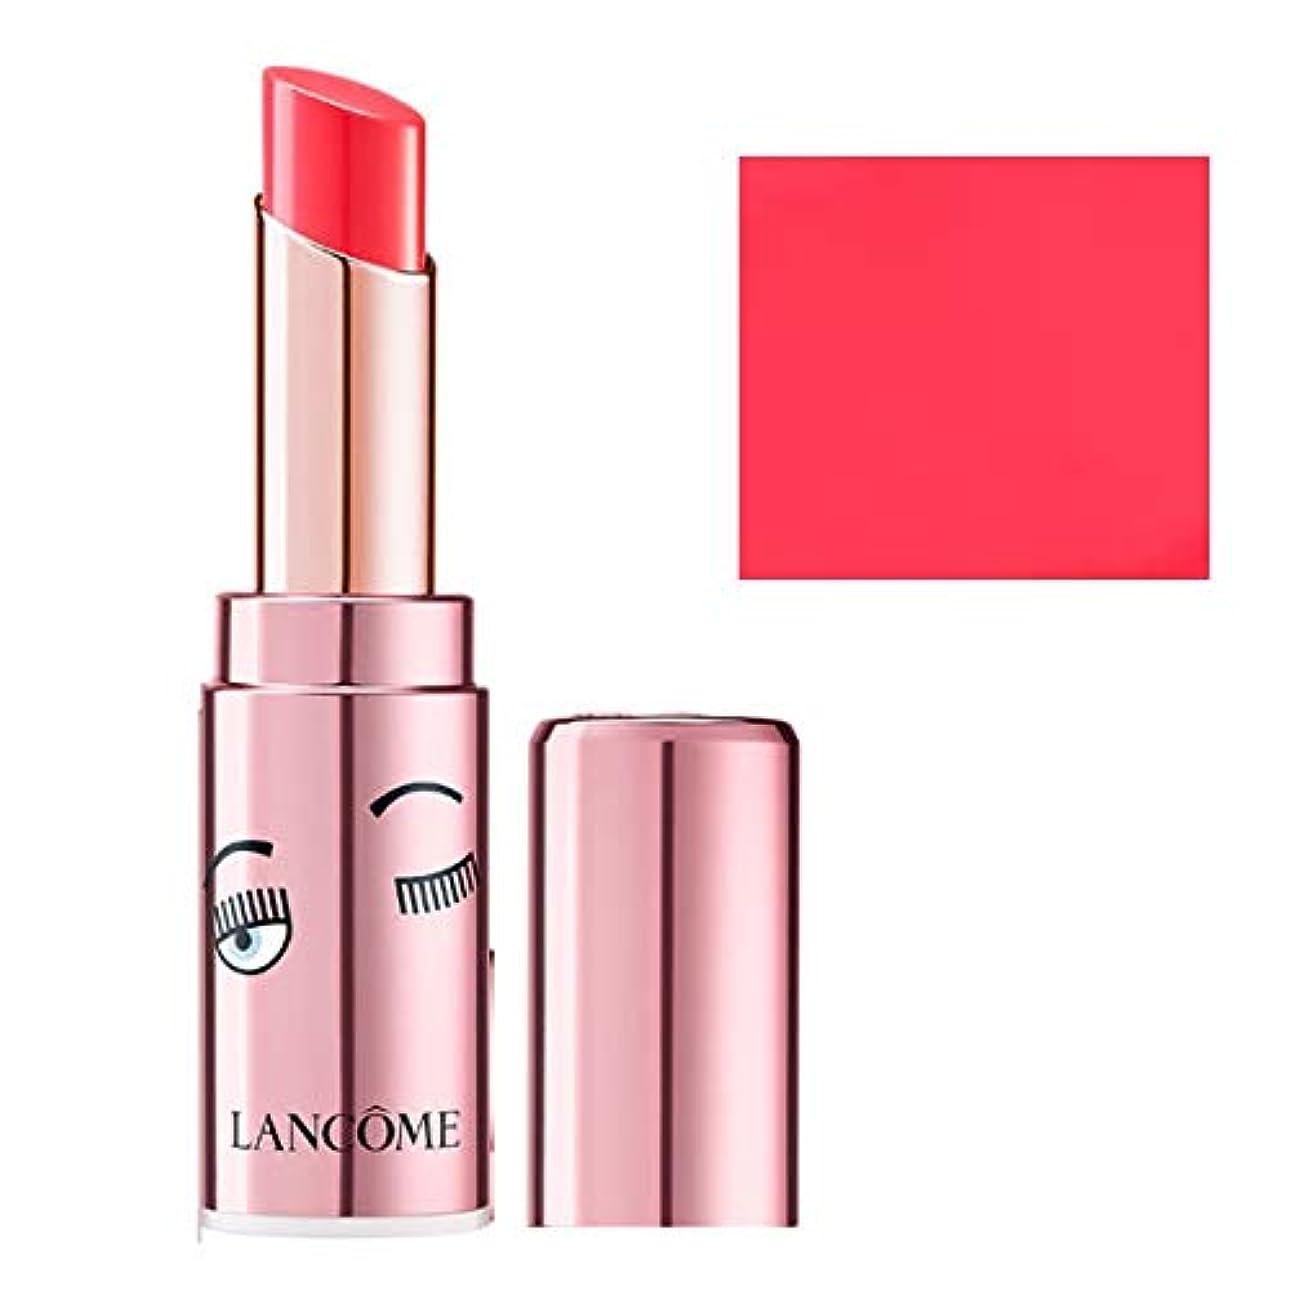 変成器原油落ち着いたランコム(LANCOME), 限定版 limited-edition, x Chiara Ferragni L'Absolu Mademoiselle Shine Balm Lipstick - Positive Attitude [海外直送品] [並行輸入品]